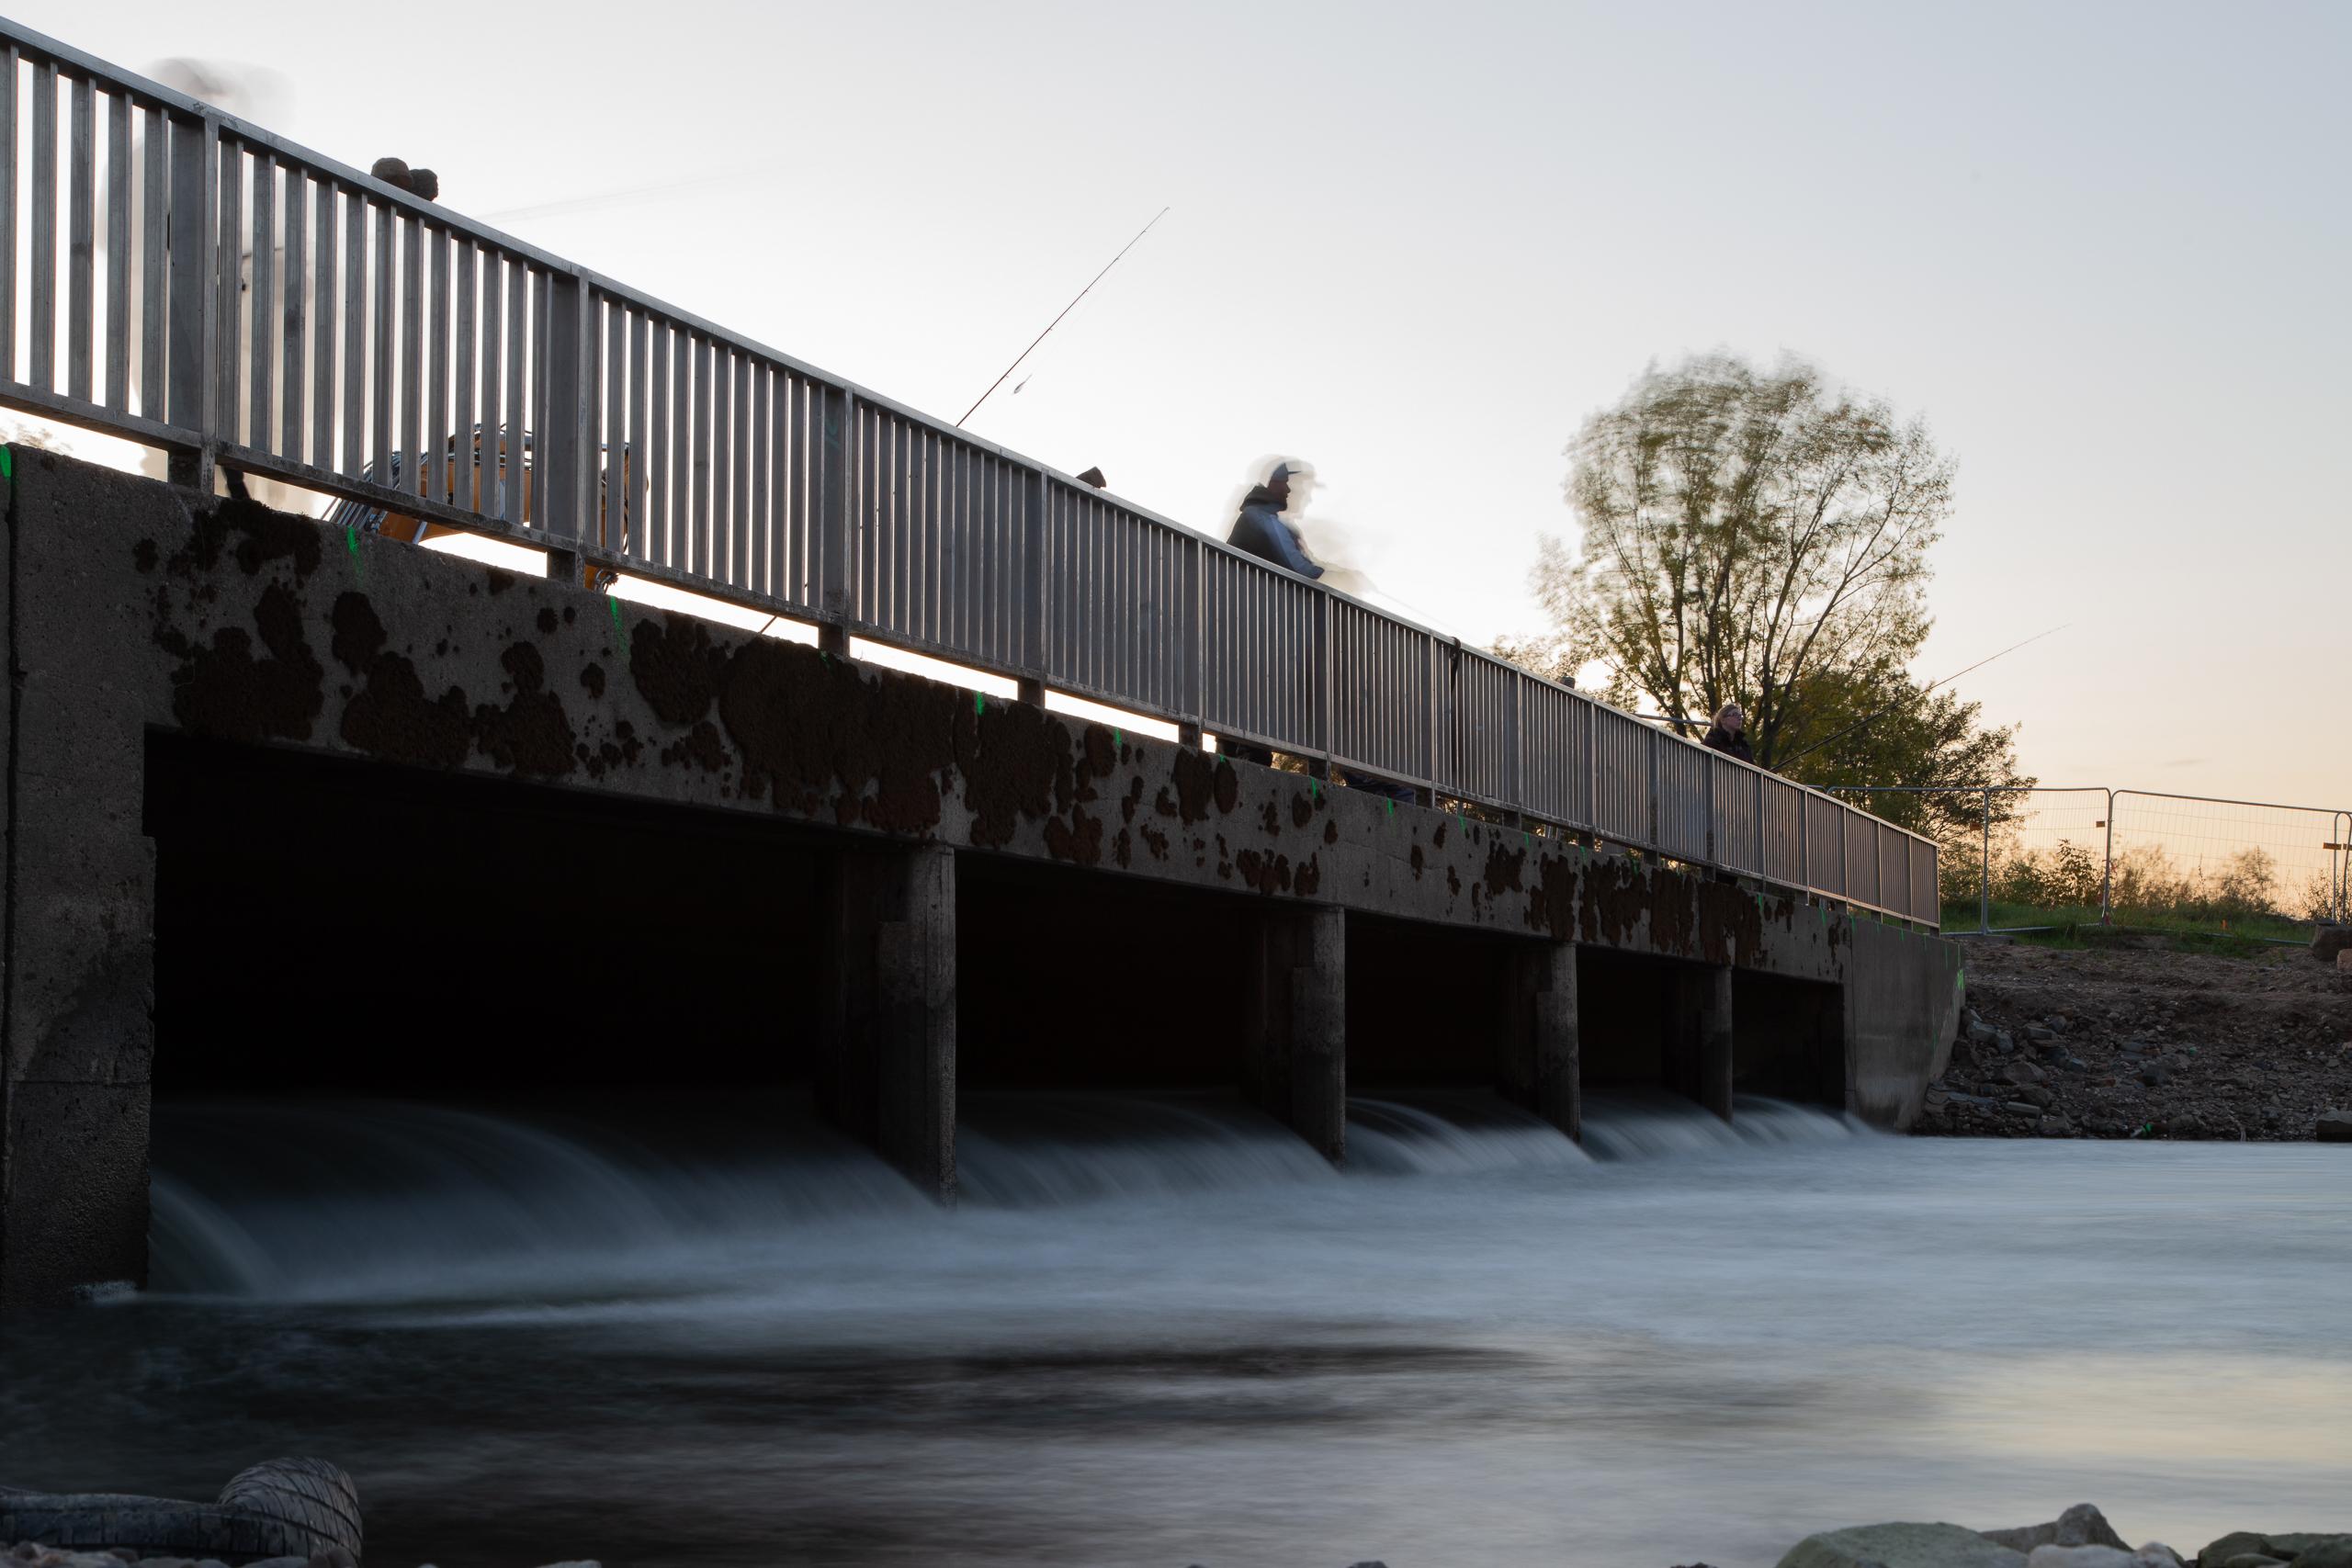 Warmwassereinlauf RheinEnergie, Heizkraftwerk Niehl, Köln